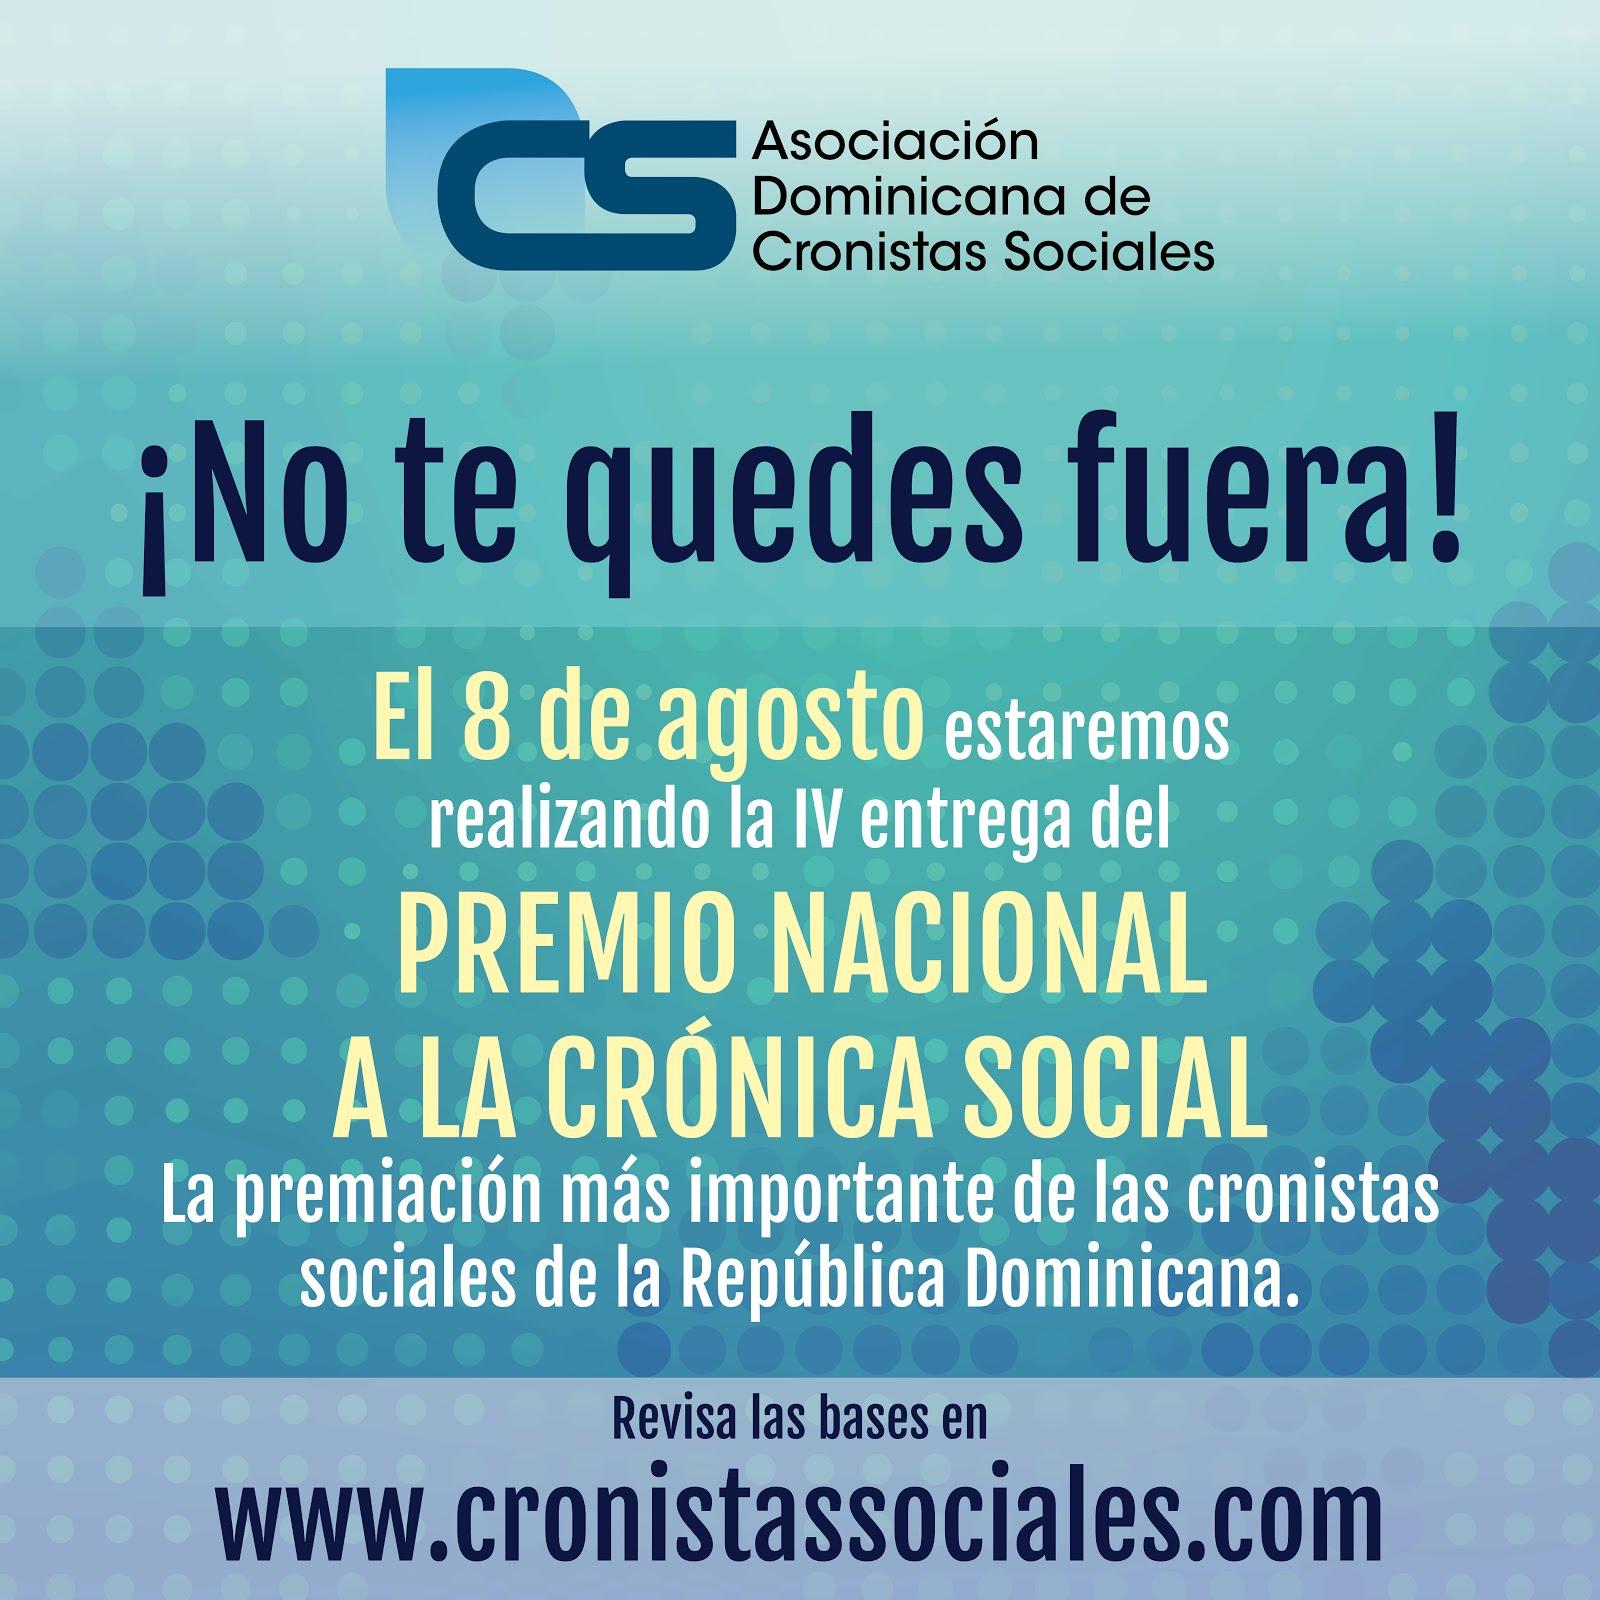 Asociacion Dominicana de Cronistas Sociales